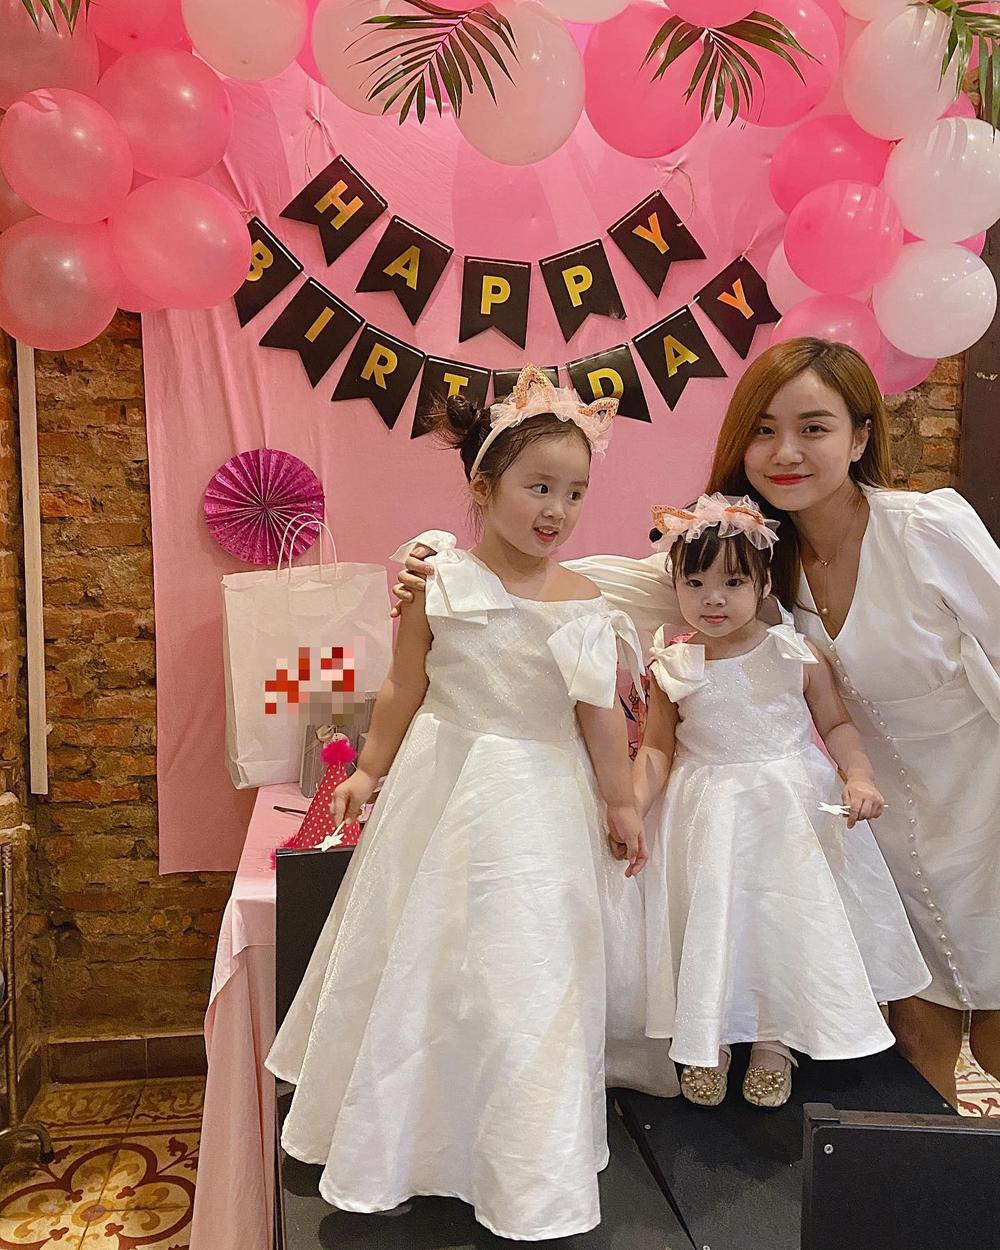 Hoài Lâm vắng mặt trong tiệc sinh nhật con gái, cũng không chúc mừng Ảnh 5